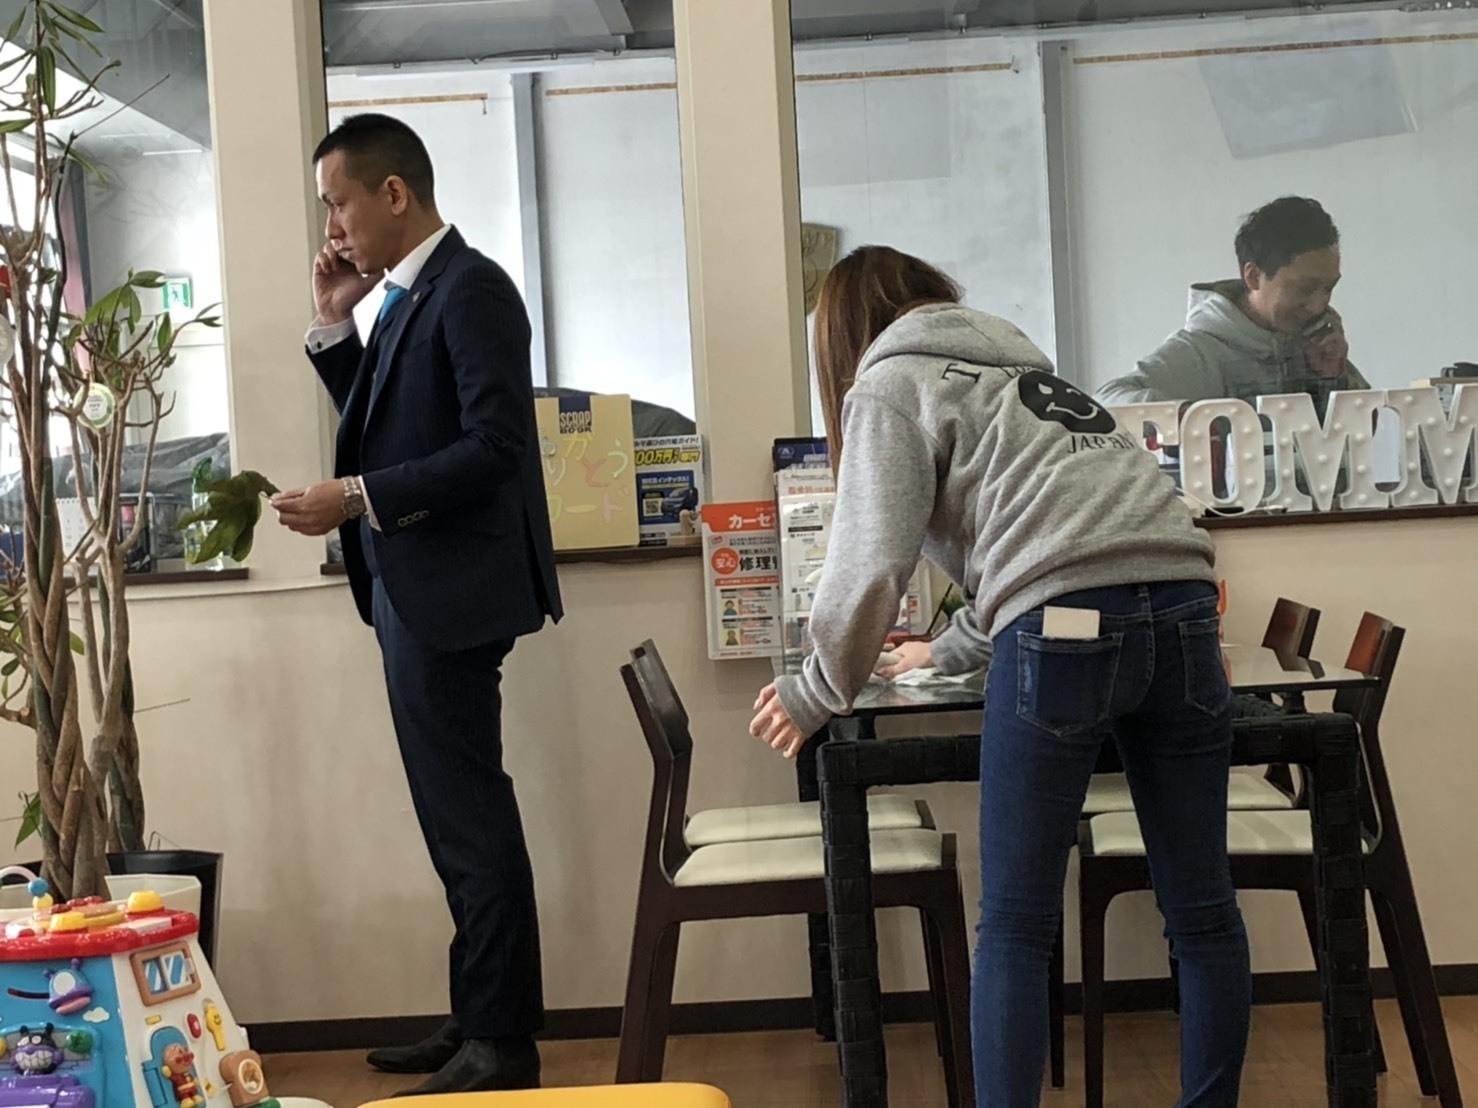 3月29日(金)本店ブログ☆カマロあります(゜゜)*レクサス ハマー ランクル 多数取り扱い☆ローンサポート_b0127002_16572251.jpg